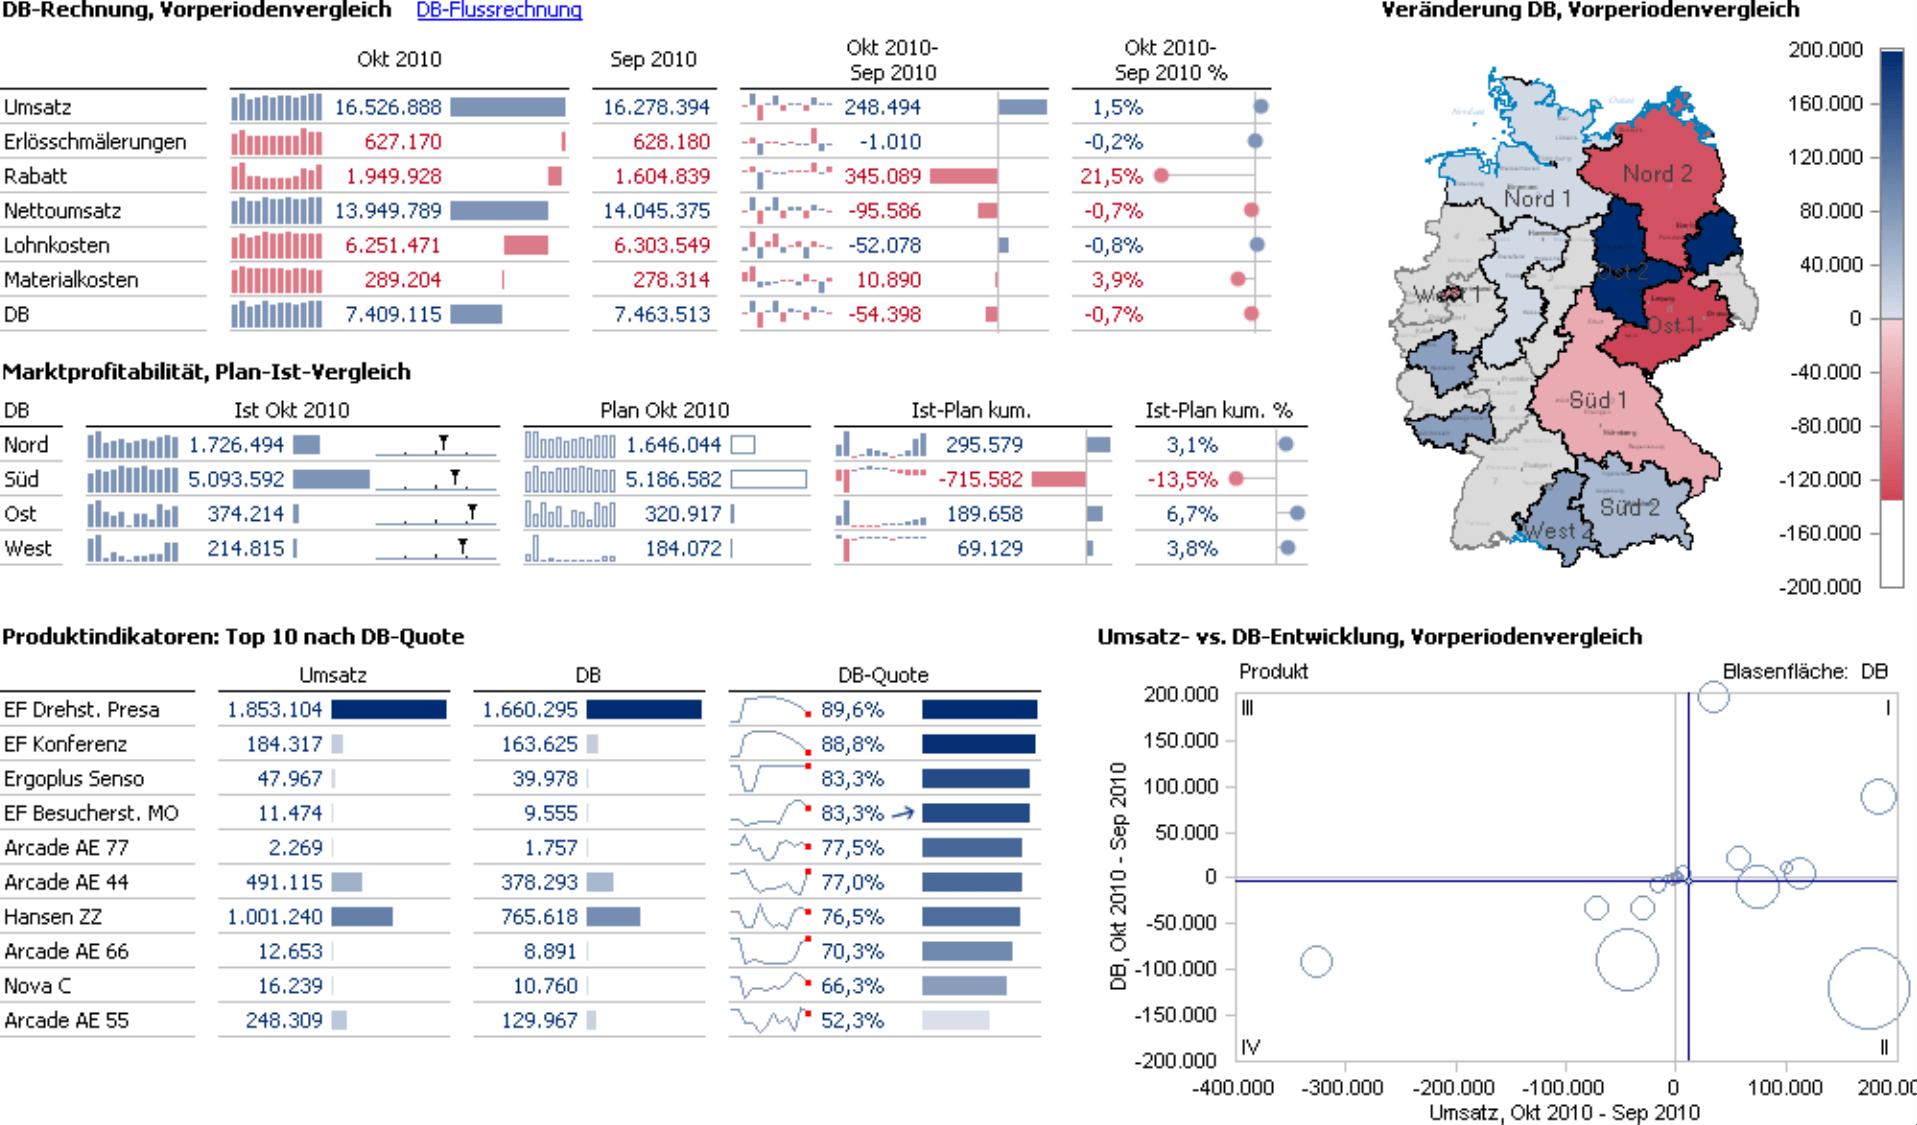 Cockpit, kombiniert aus 3 Pivottabellen (DB-Rechnung im Vorperiodenvergleich; Marktprofitabilität im Plan-Ist-Vergleich; Produktindikatoren Top 10 nach DB-Quote), einer Geo-Analyse (Veränderung DB im Vorperiodenvergleich) und einer Portfolioanalyse (Umsatz- vs. DB-Entwicklung im Vorperiodenvergleich)